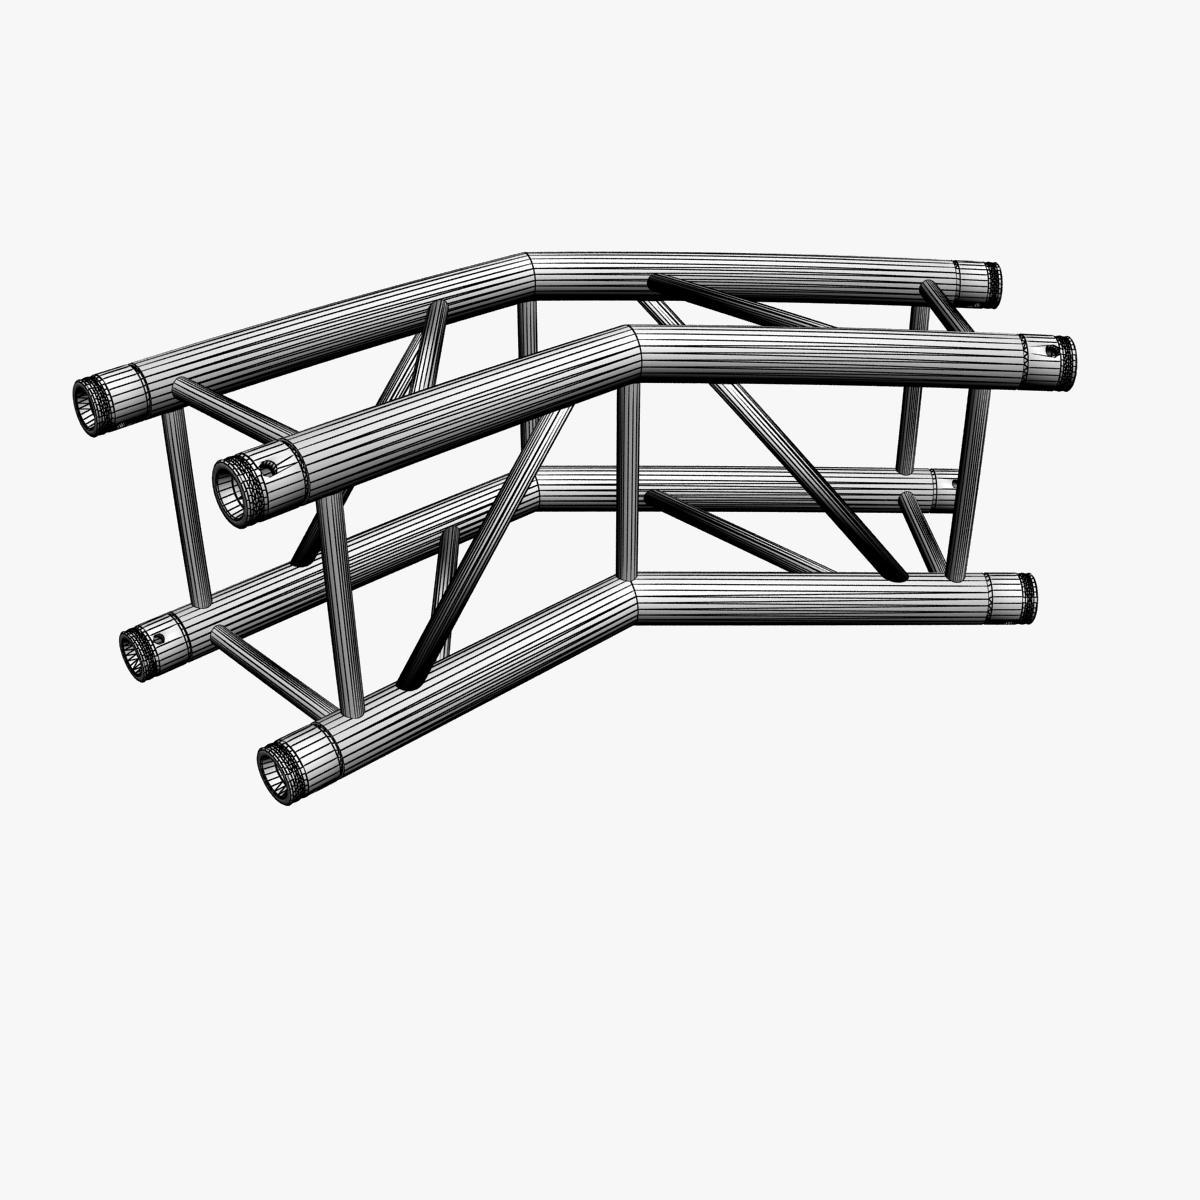 square light trusses (collection 50 modular) 3d model 3ds max dxf fbx c4d dae texture obj 216186